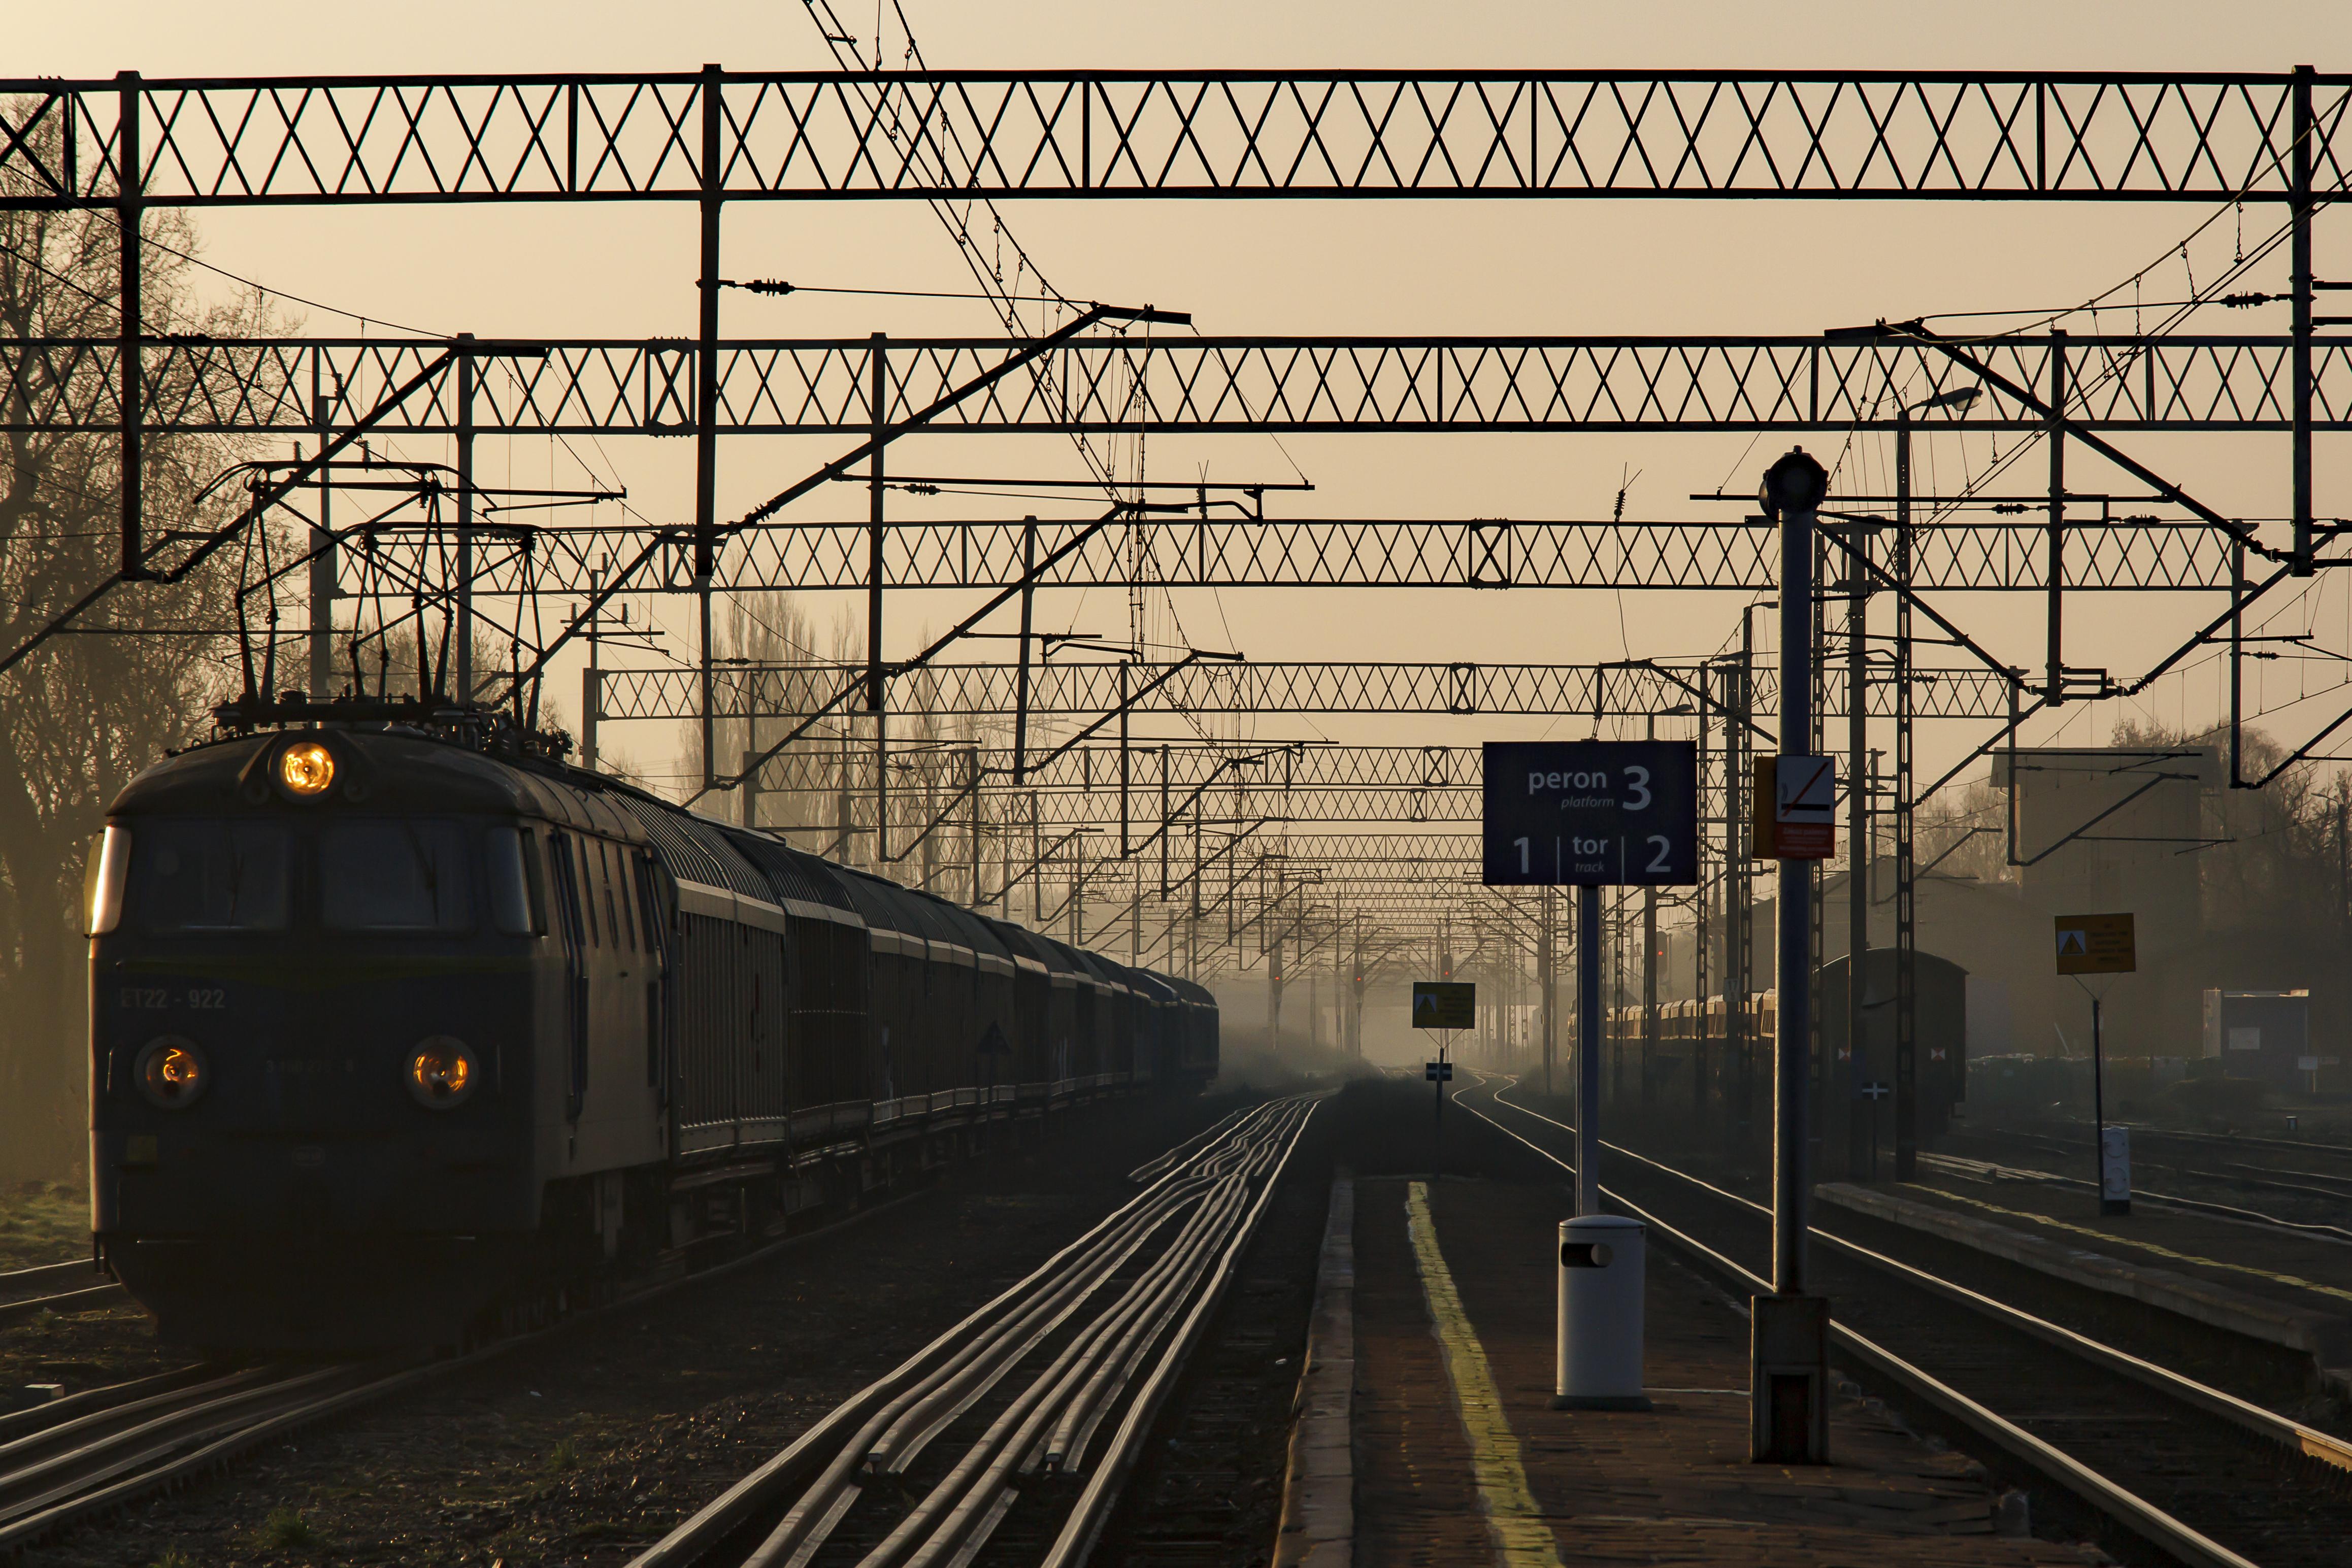 Autor zdjęcia: Jacek Nizio Tytuł: Dworzec Dworzec w Rokietnicy w sobotni poranek. Stojący pociąg przykuł moją uwagę, a klimatu dodało wstające światło.